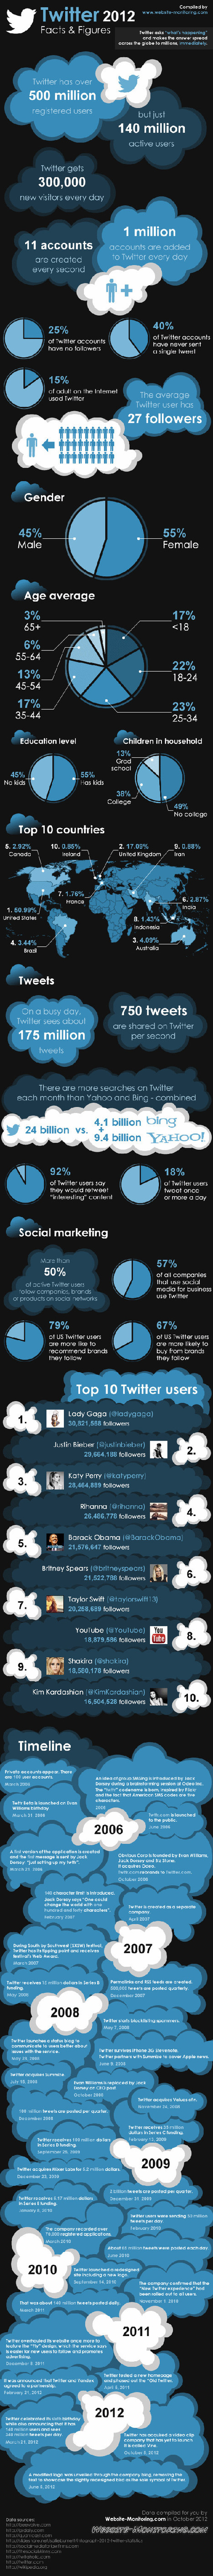 Twitter : les statistiques qui ont fait son succès en 2012 Autour du Web   Toulouse networks   Scoop.it